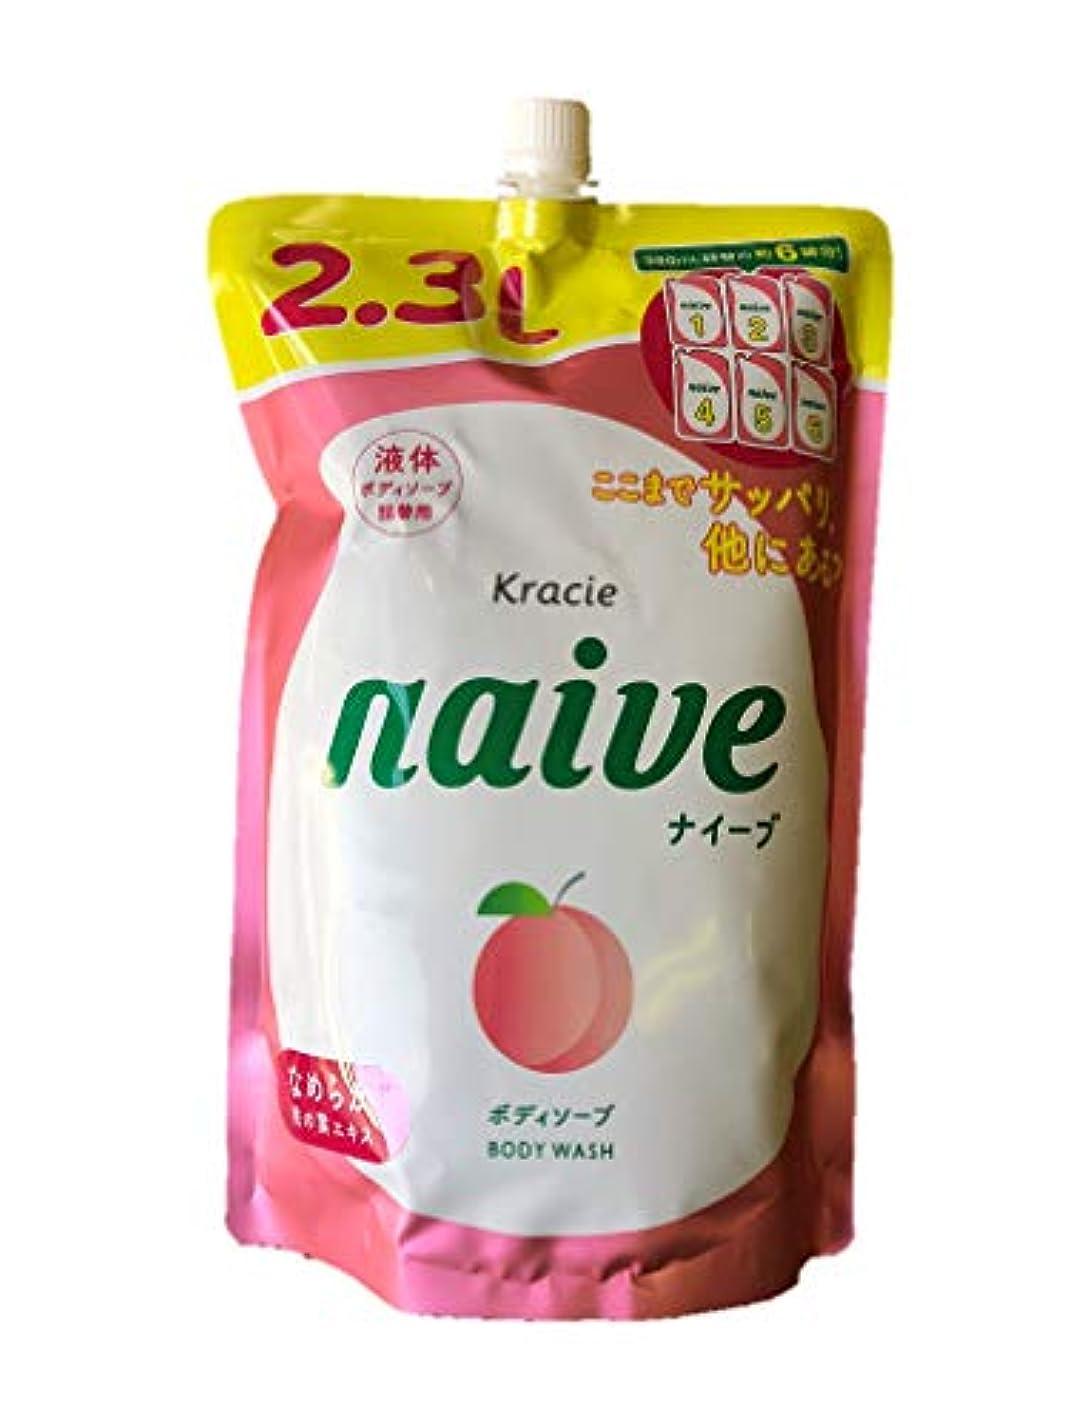 検体エッセンスマッシュ【大容量2.3L】ナイーブ 植物性ボディーソープ 自然でやさしい桃の香り 2300ml